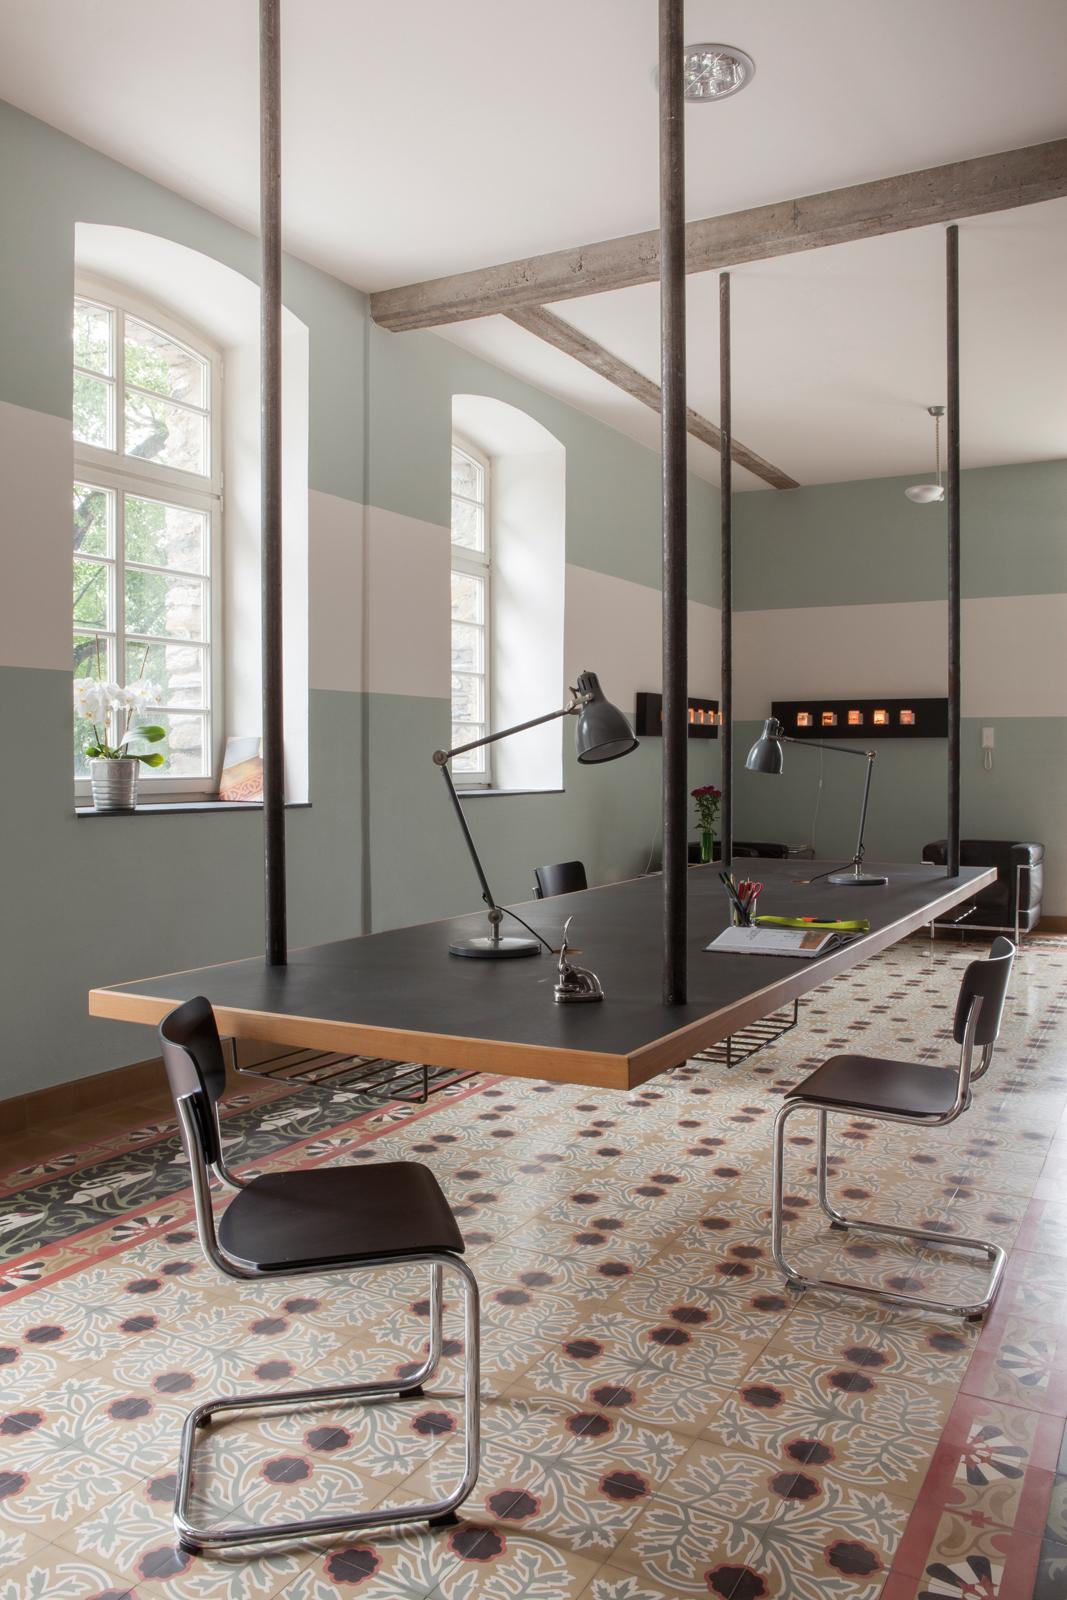 zementmosaikplatten-nr.51134-büro-02-viaplatten | 51134